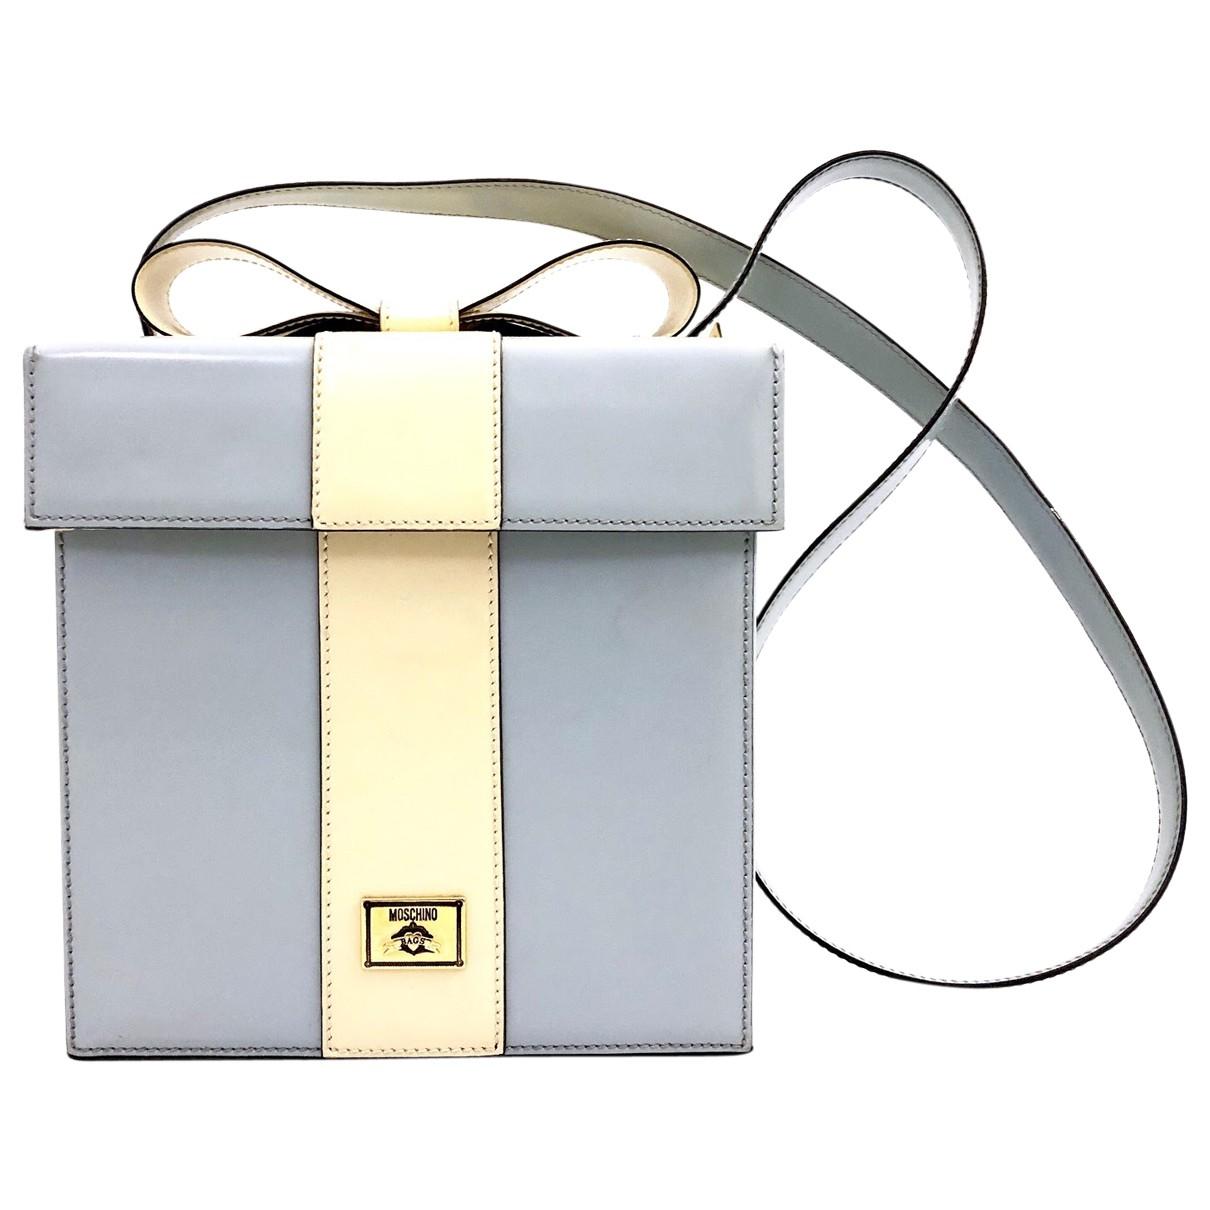 Moschino \N Handtasche in  Beige Lackleder